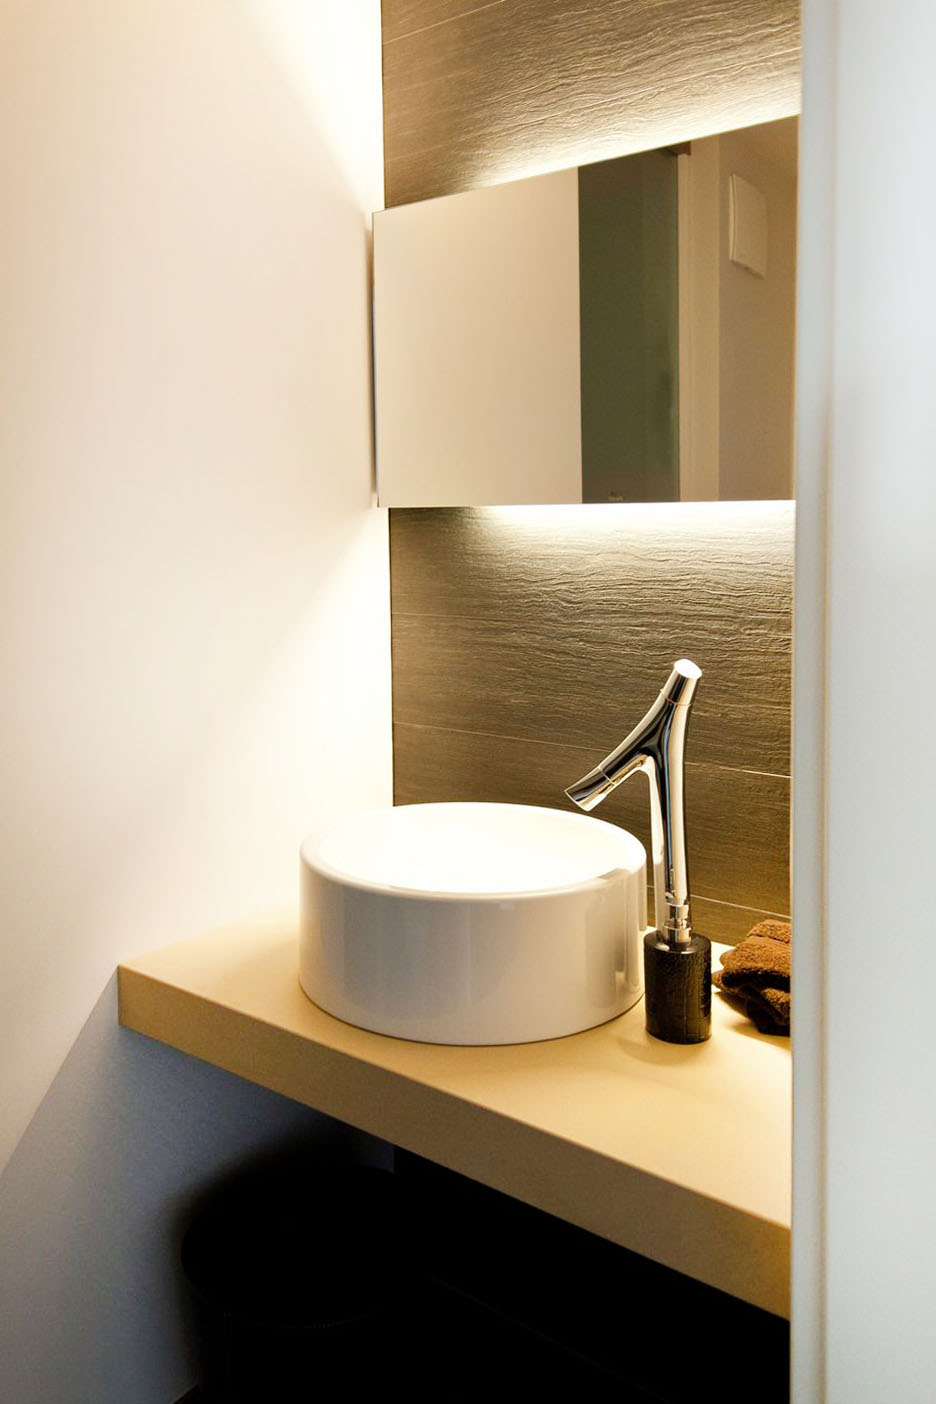 badezimmerm bel wei hochglanz und echtholz sitzbank g ste wc k chenhaus thiemann overath. Black Bedroom Furniture Sets. Home Design Ideas